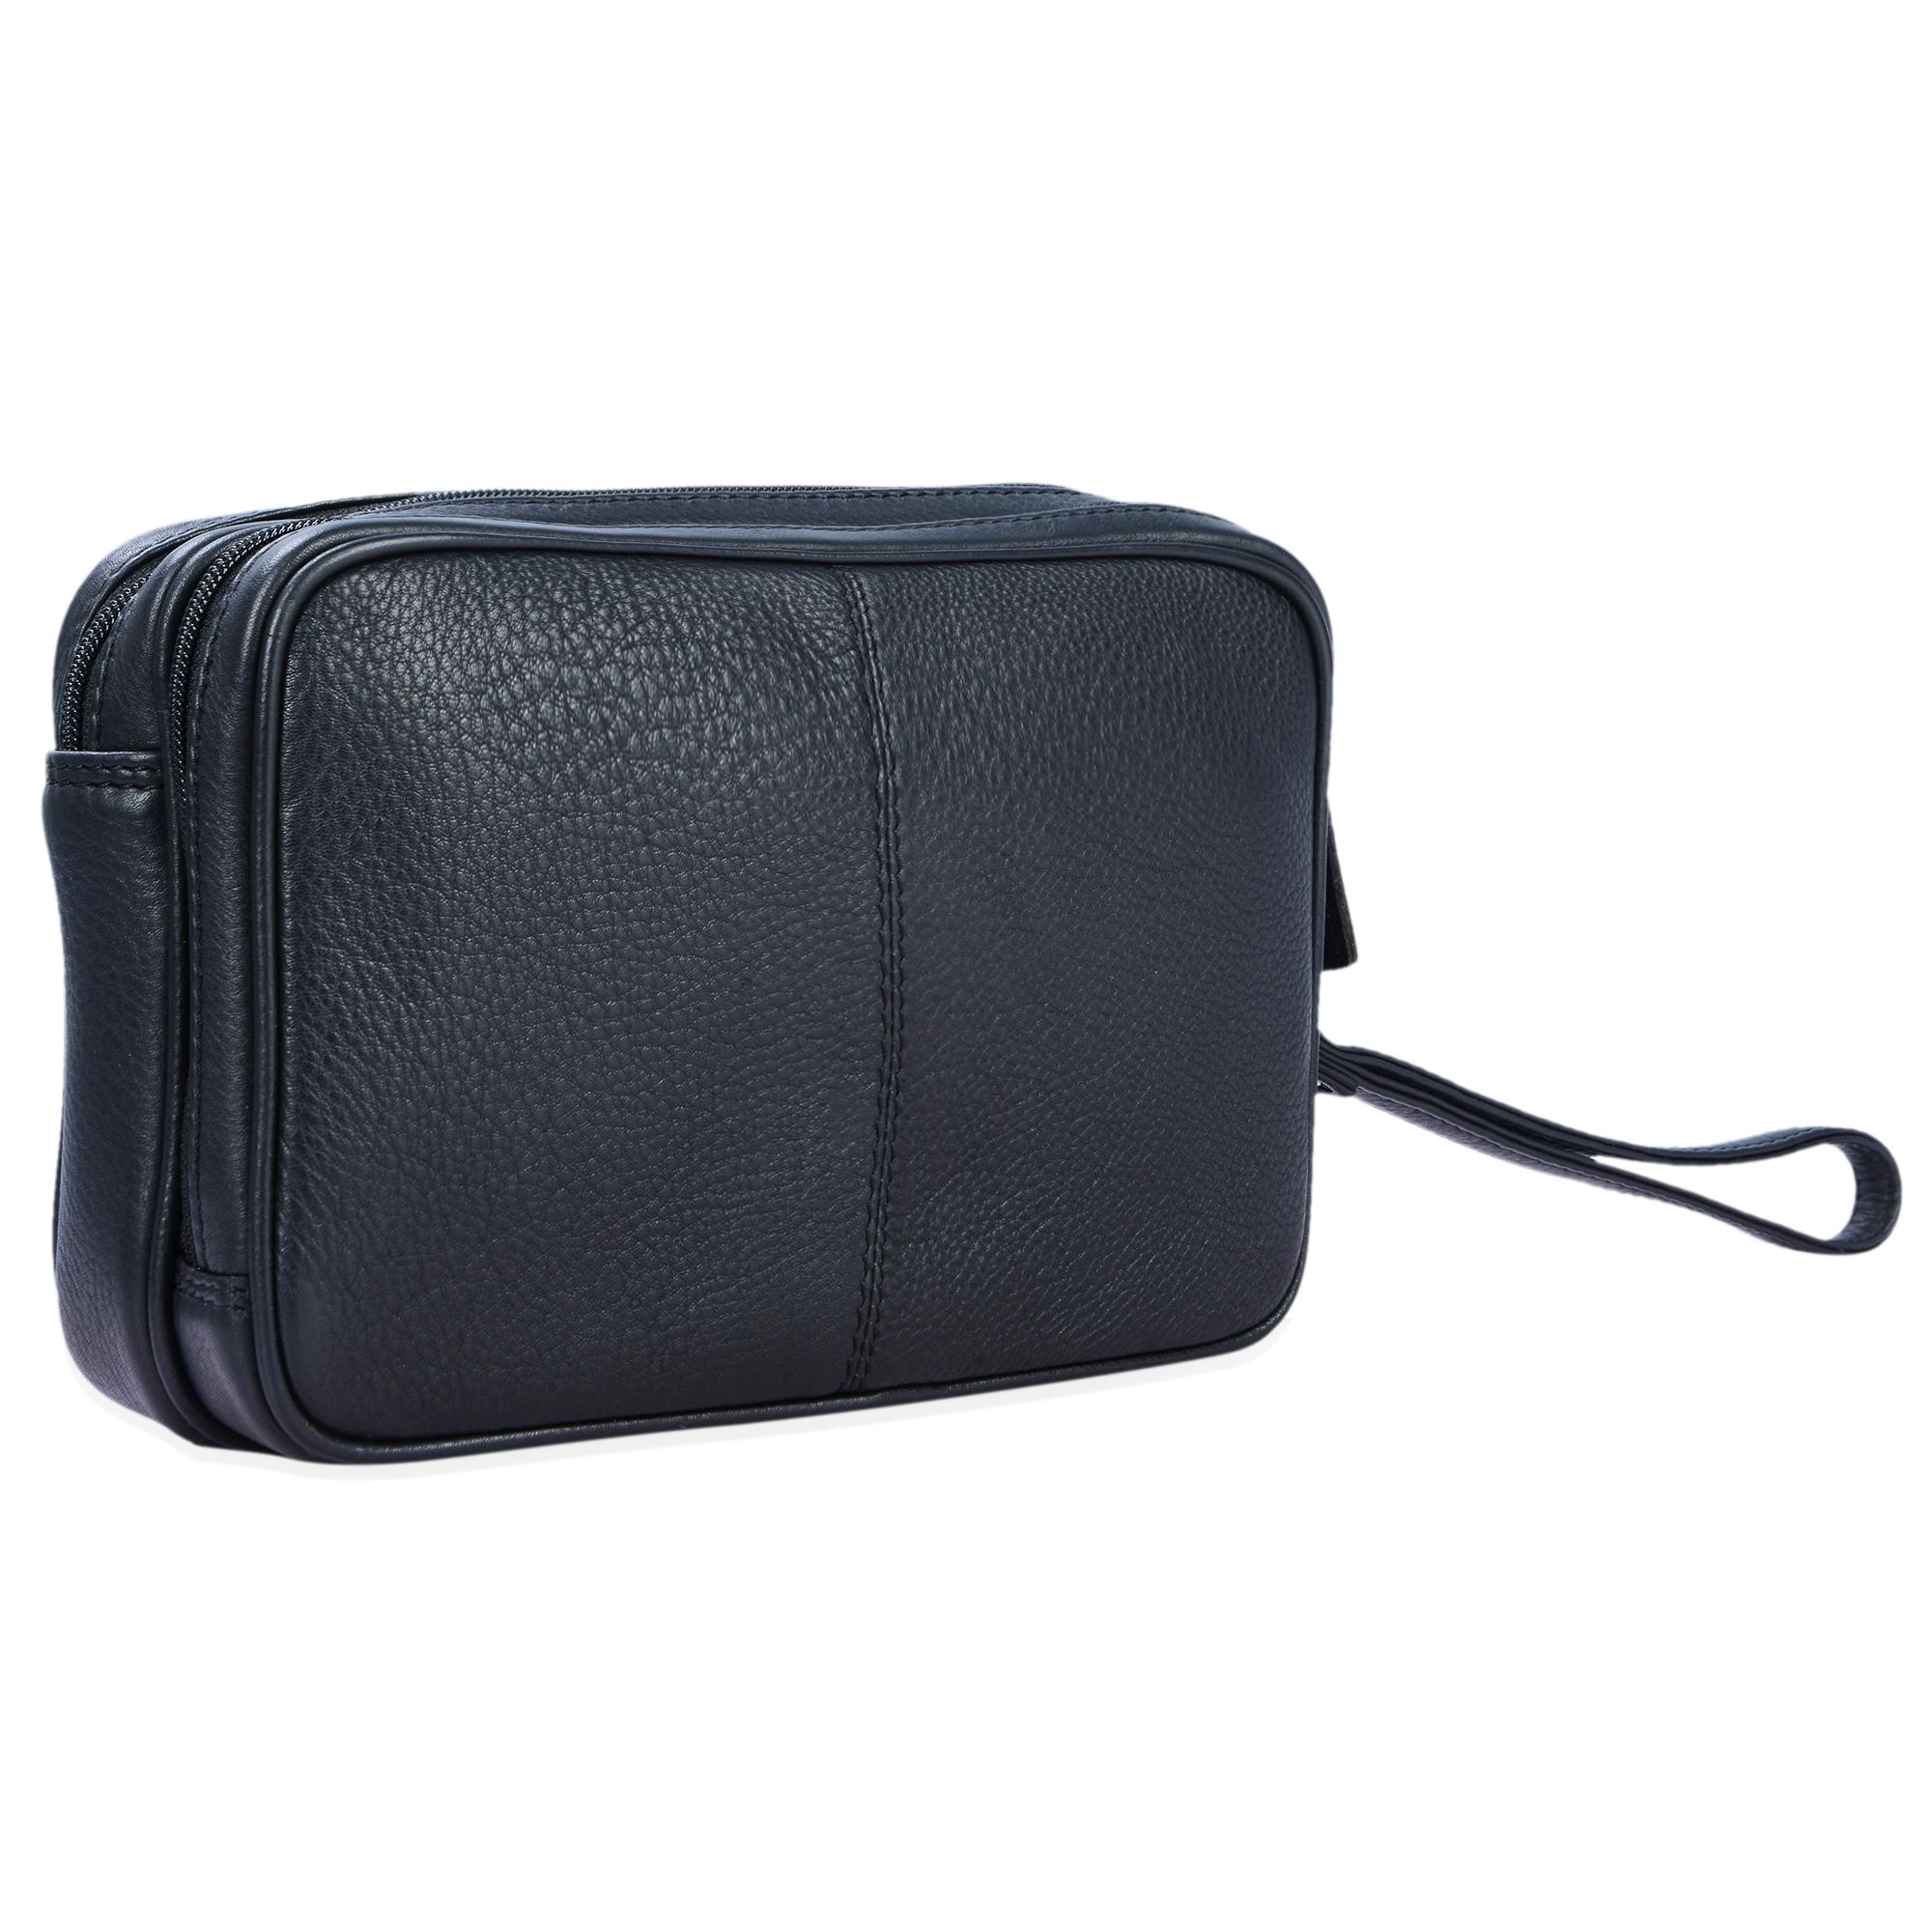 """STILORD """"Nero"""" Handgelenktasche Herren Leder mit Doppelkammer Vintage Handtasche für 8,4 Zoll Tablets ideal für Reisen Festival Herrenhandtasche echtes Leder - Bild 14"""